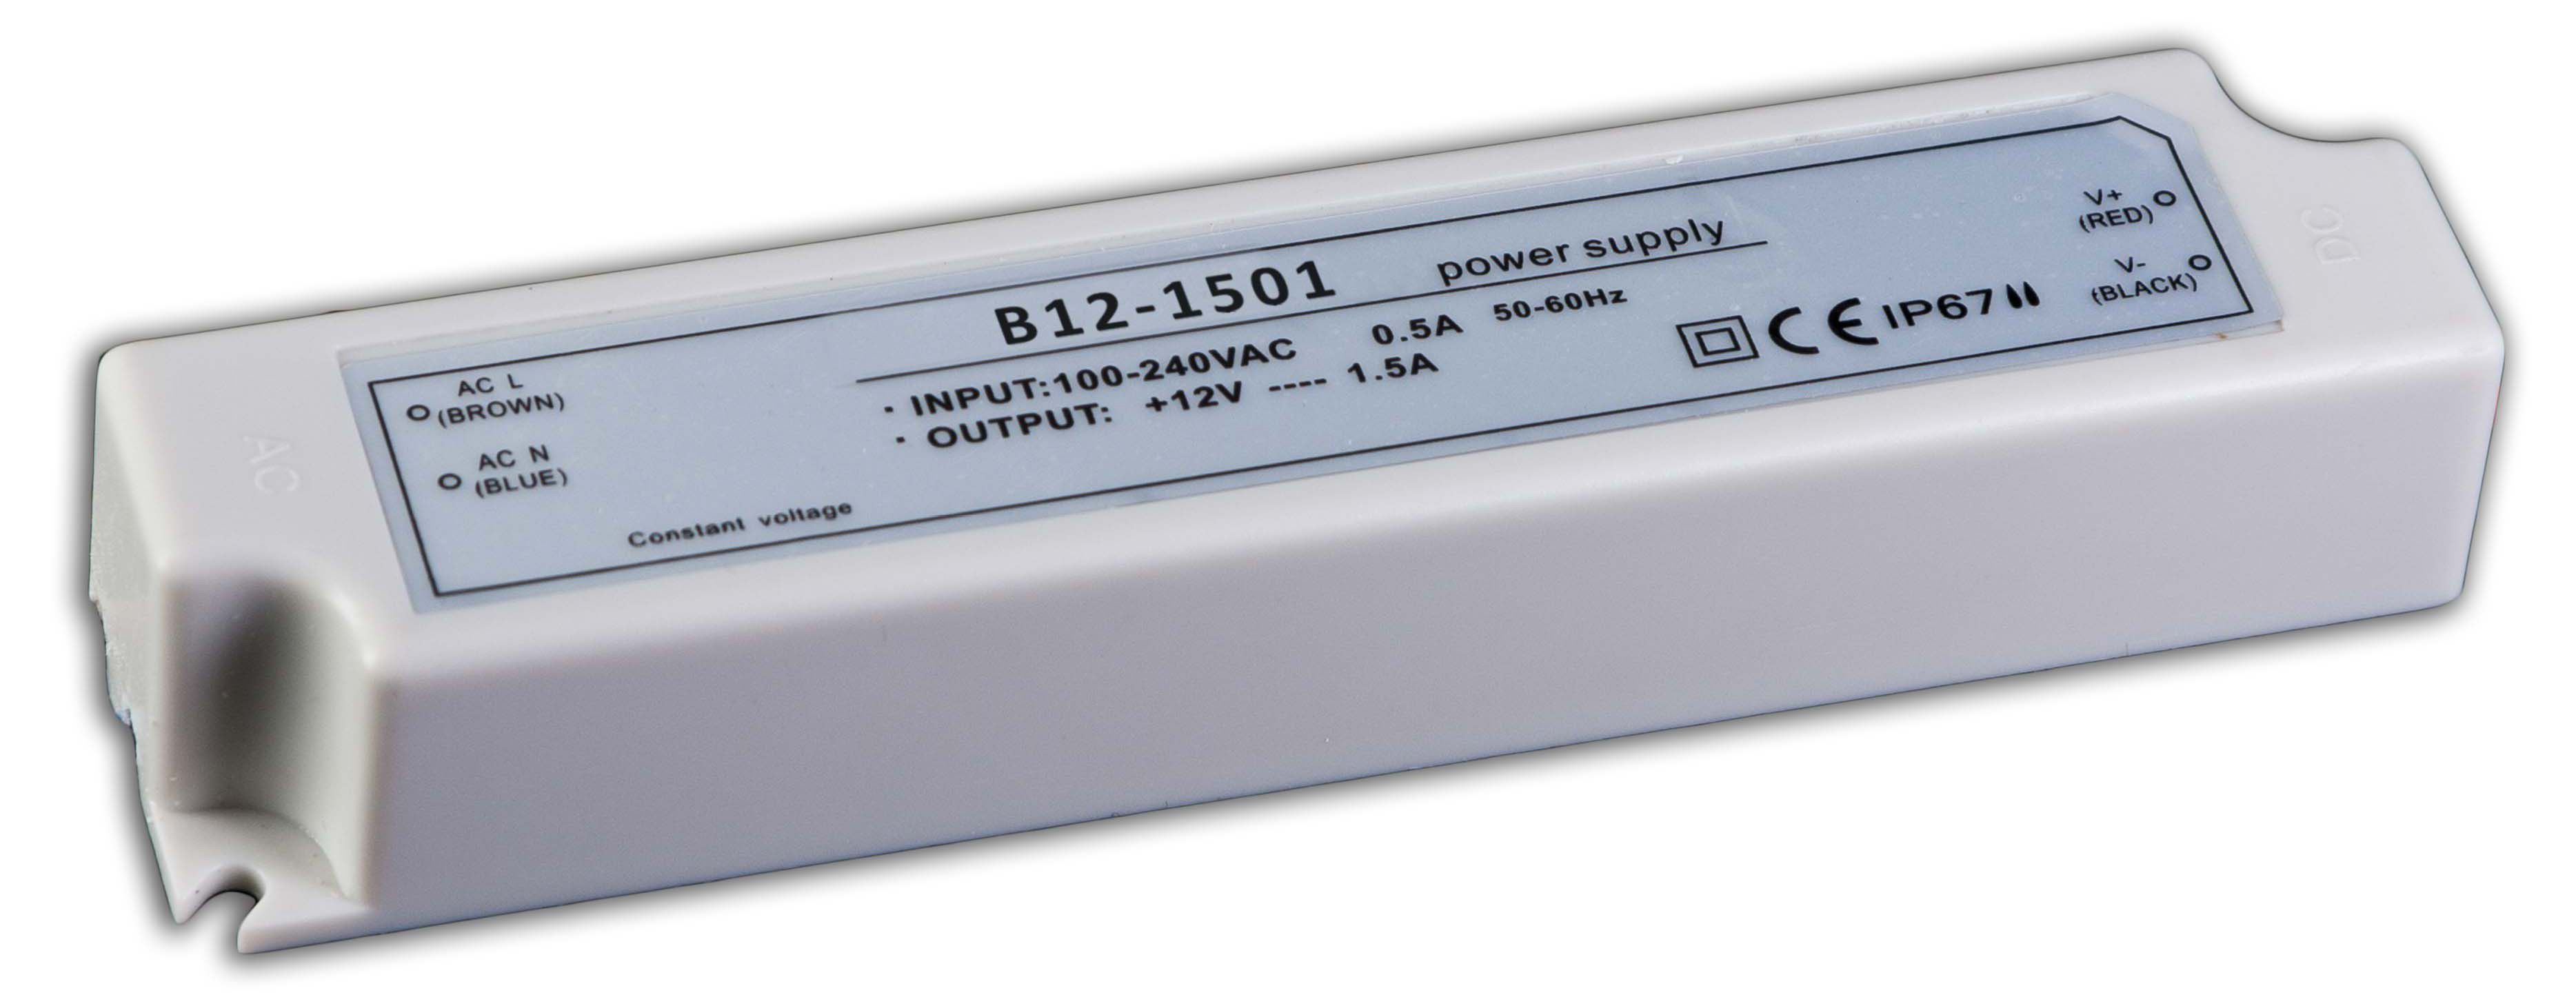 zasilacz hermetyczny 18w IP67